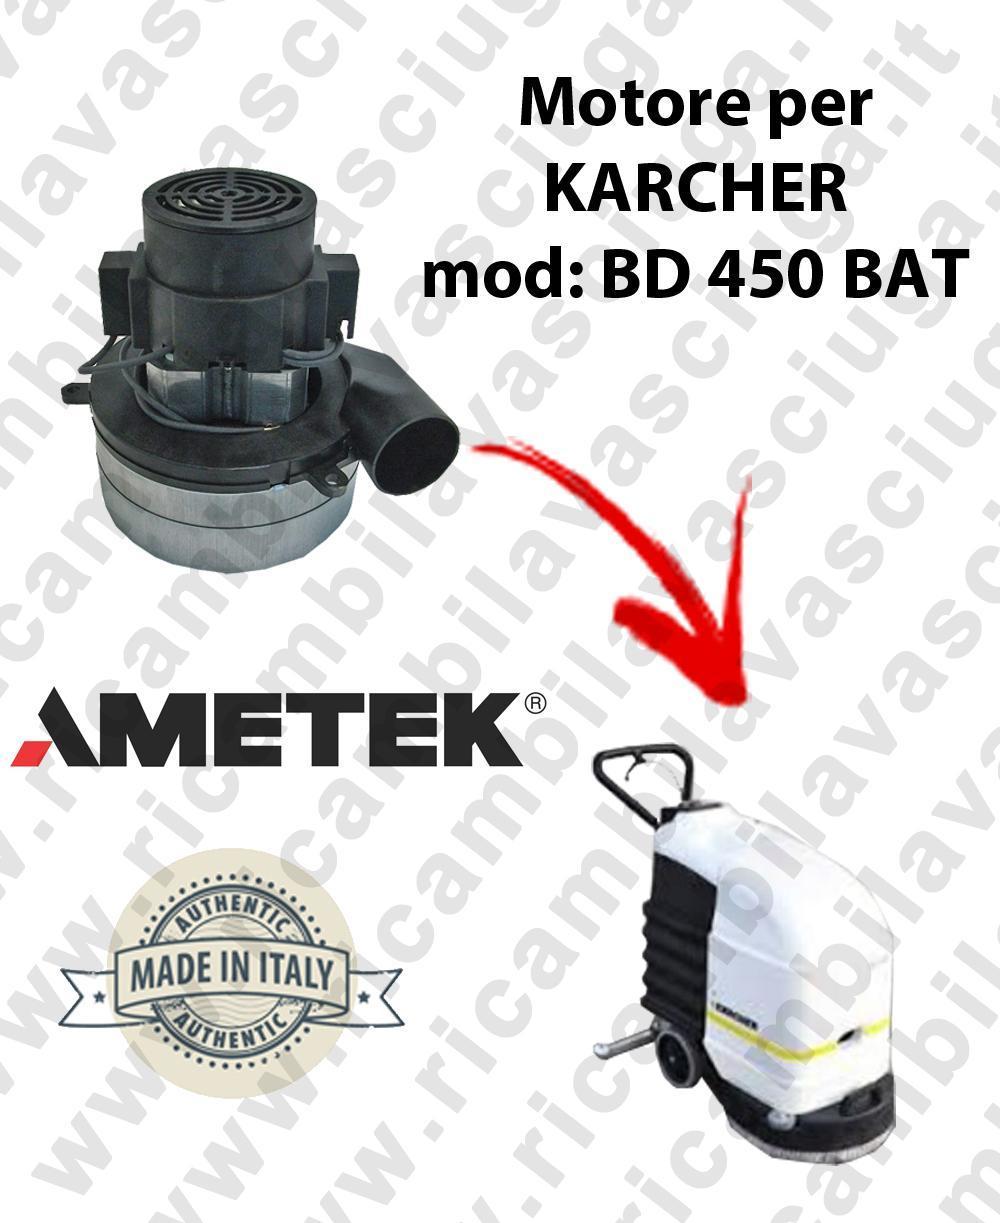 BD 450 Ametek vacuum motor for scrubber dryer KARCHER